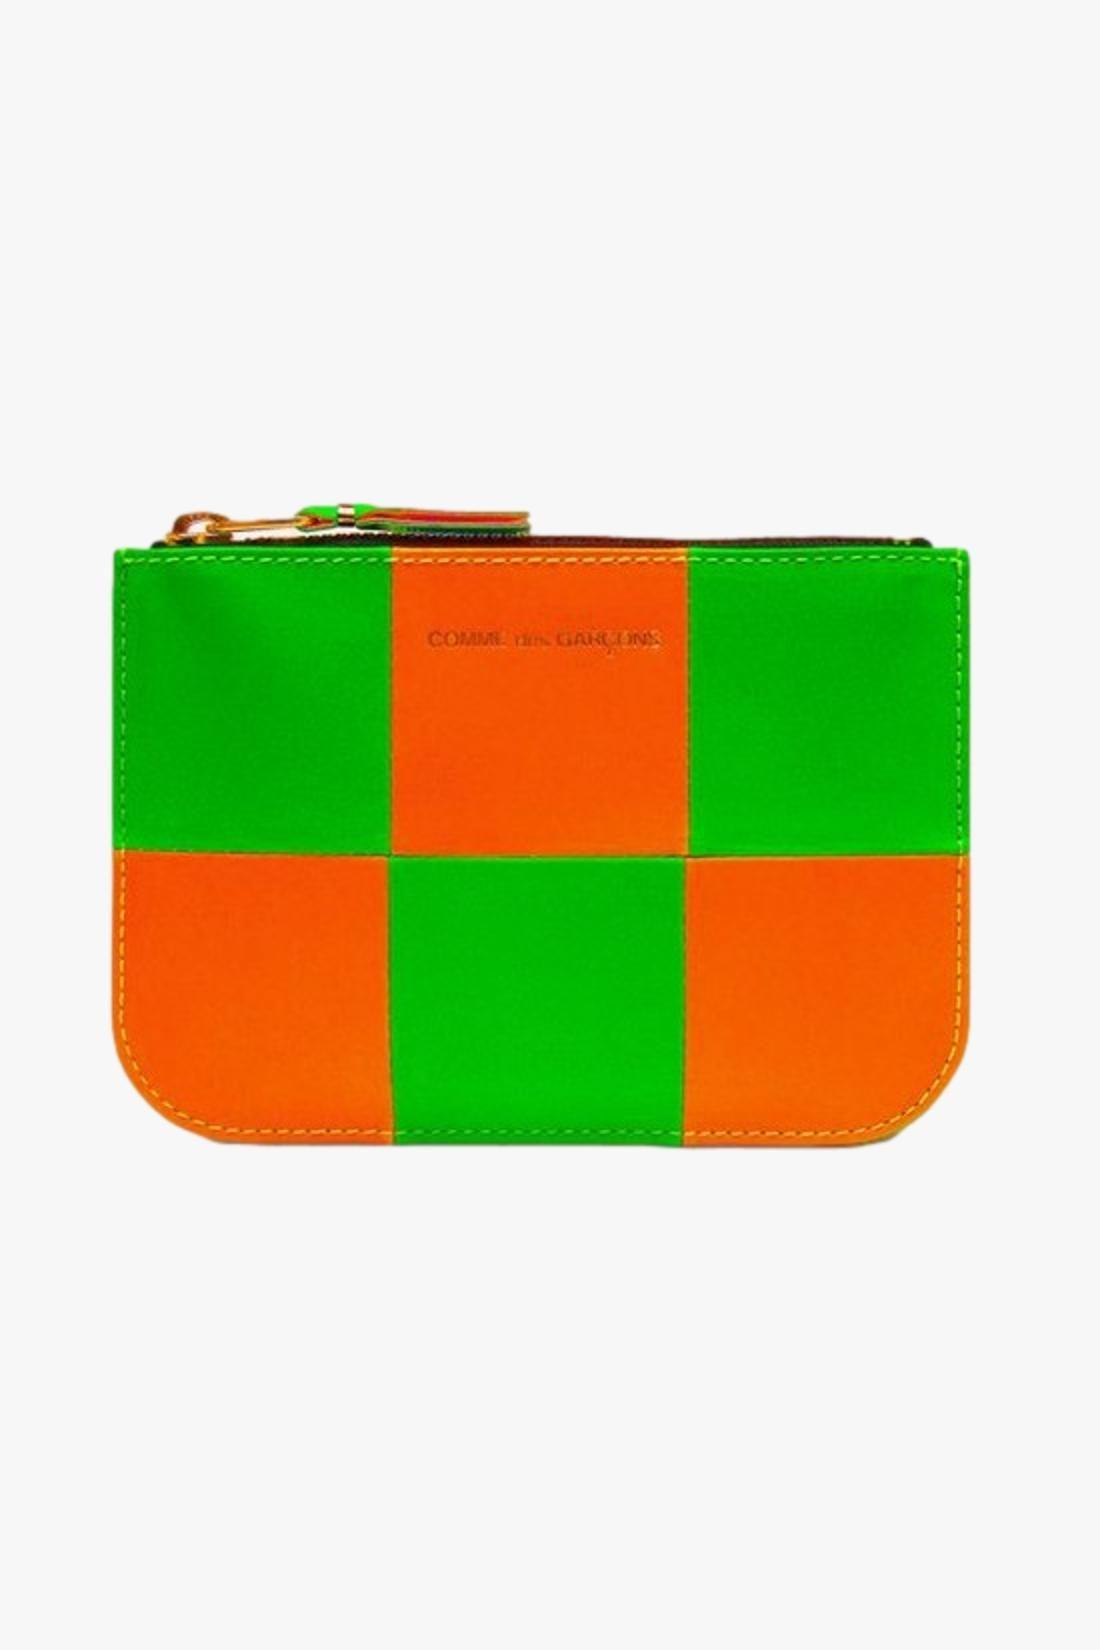 COMME DES GARÇONS WALLETS / Cdg wallet fluo squares Orange green